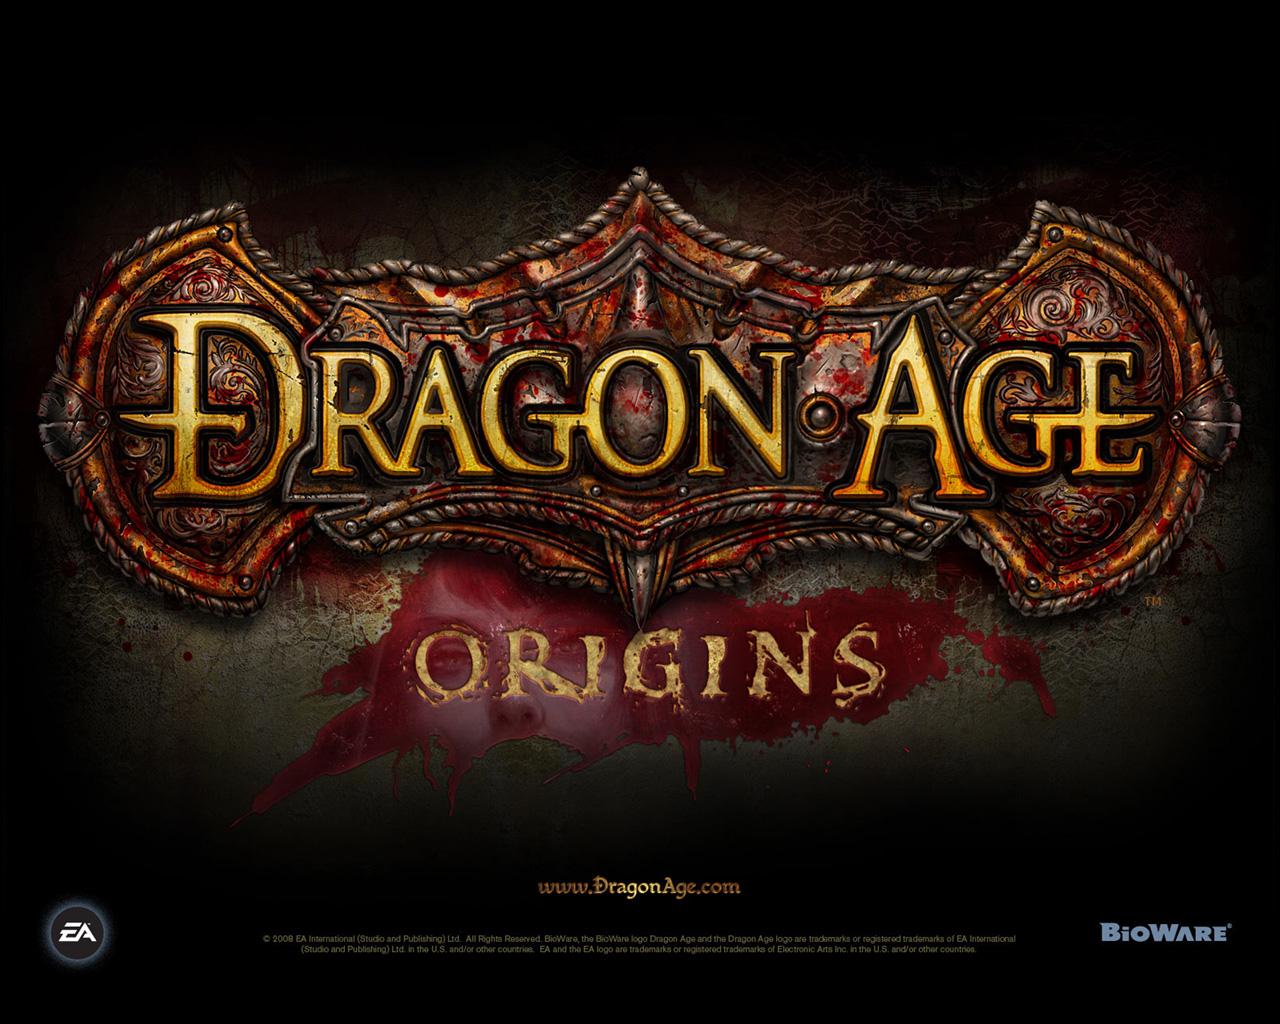 Dragon Age: Origins Wallpaper in 1280x1024